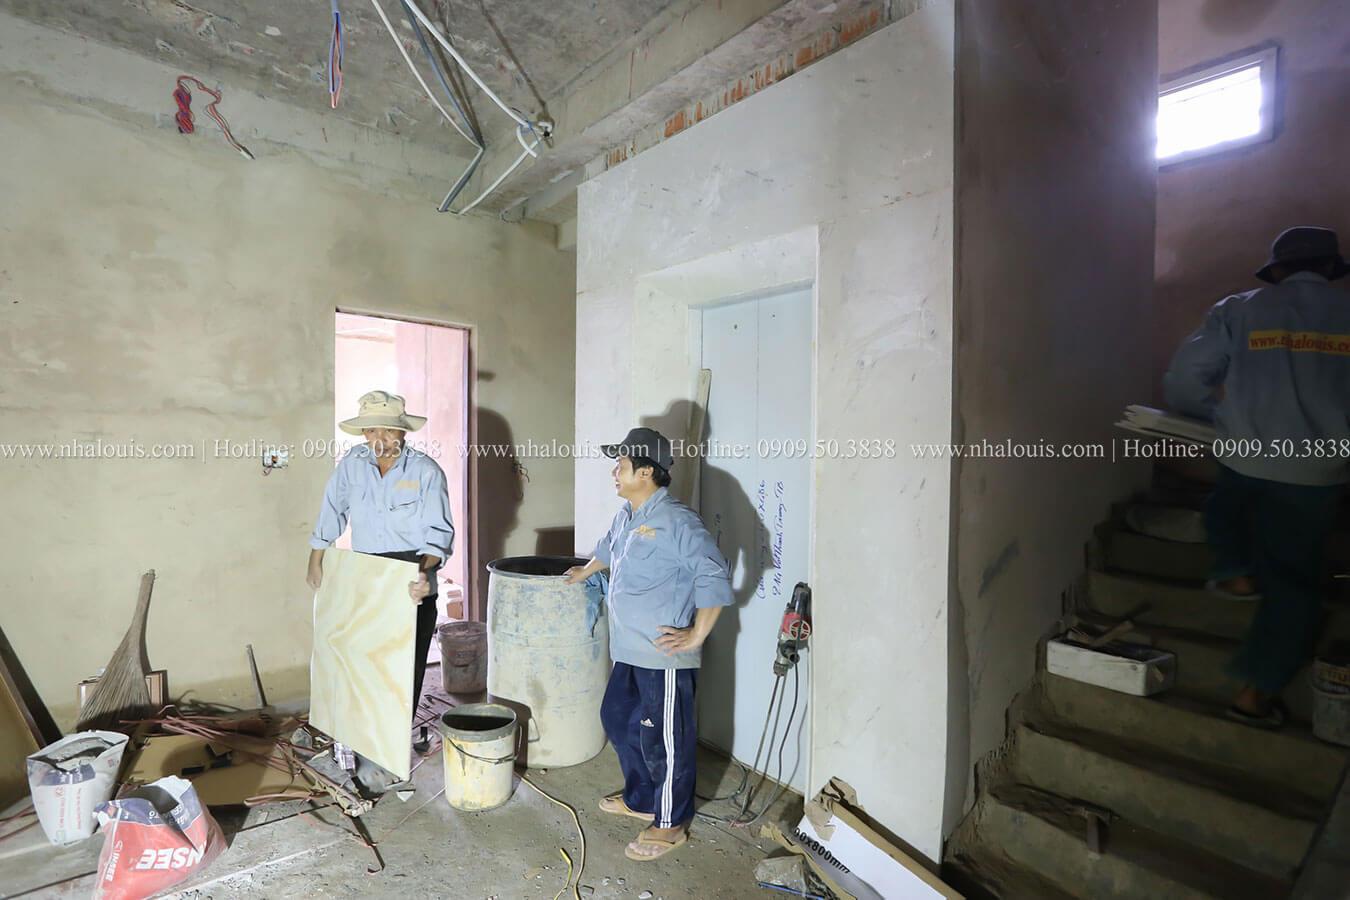 Thi công nhà tân cổ điển 4 tầng đẹp sang trọng tại Tân Bình